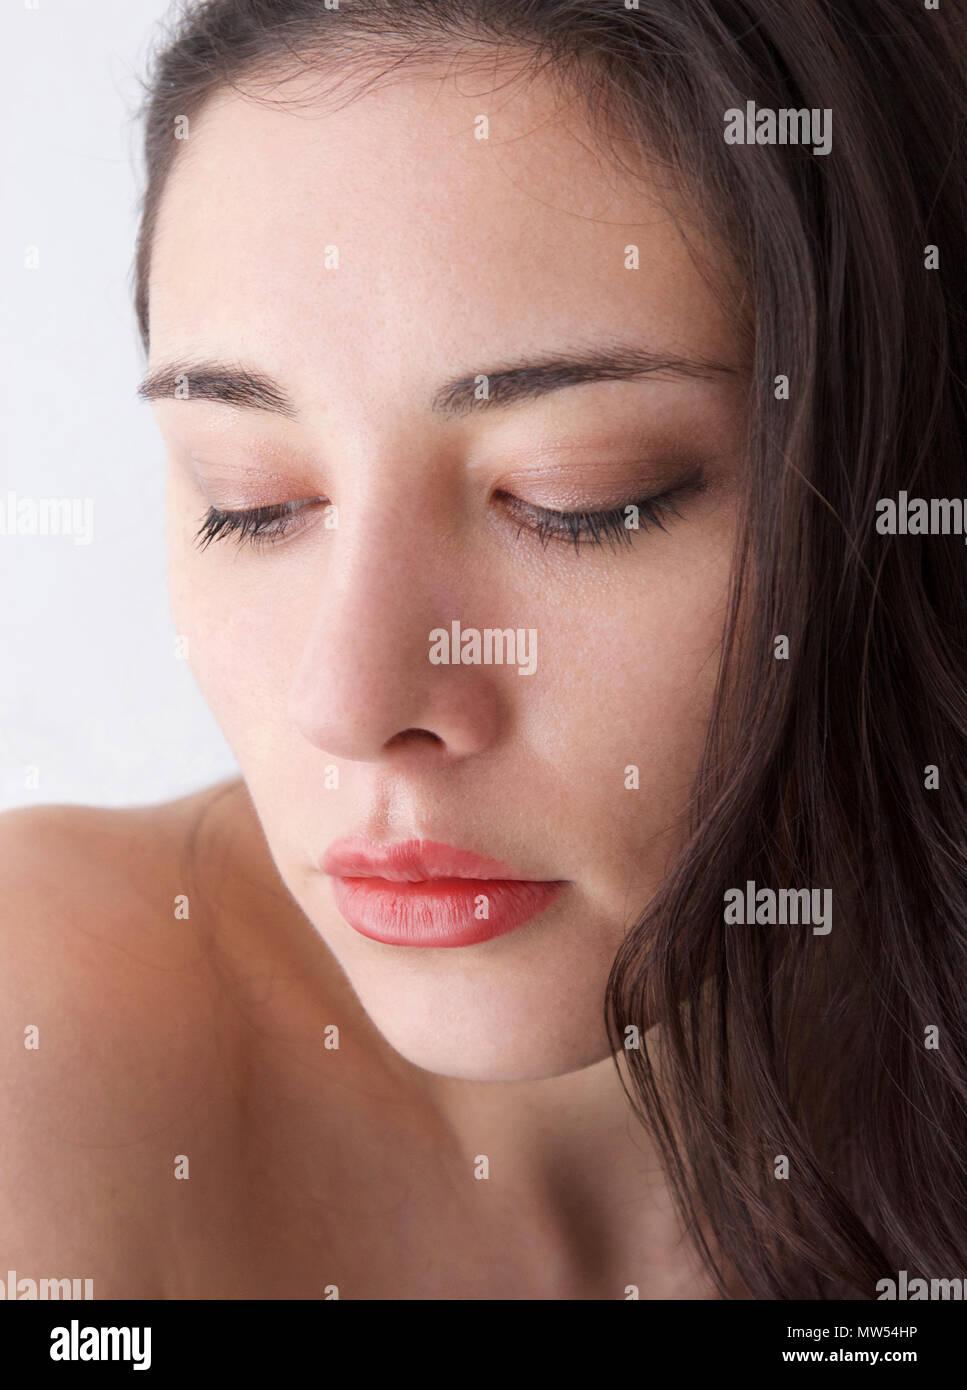 Giovane donna italiana con capelli castani e pieno labbra rosse e abbattuto gli occhi Immagini Stock